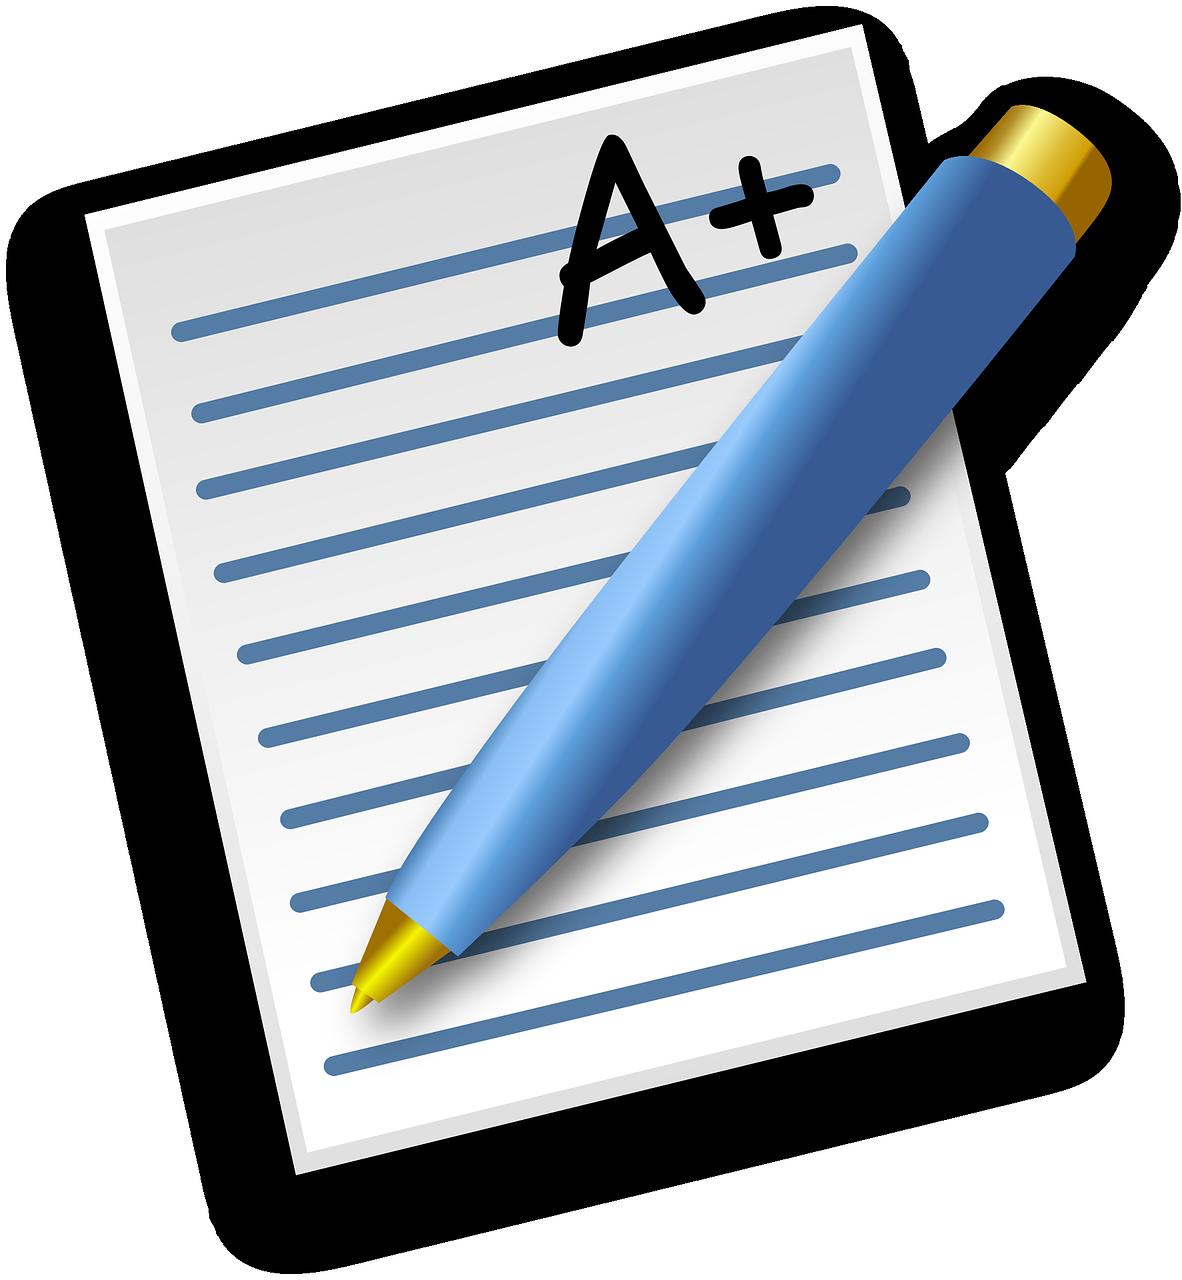 Essay clipart graded paper, Essay graded paper Transparent.